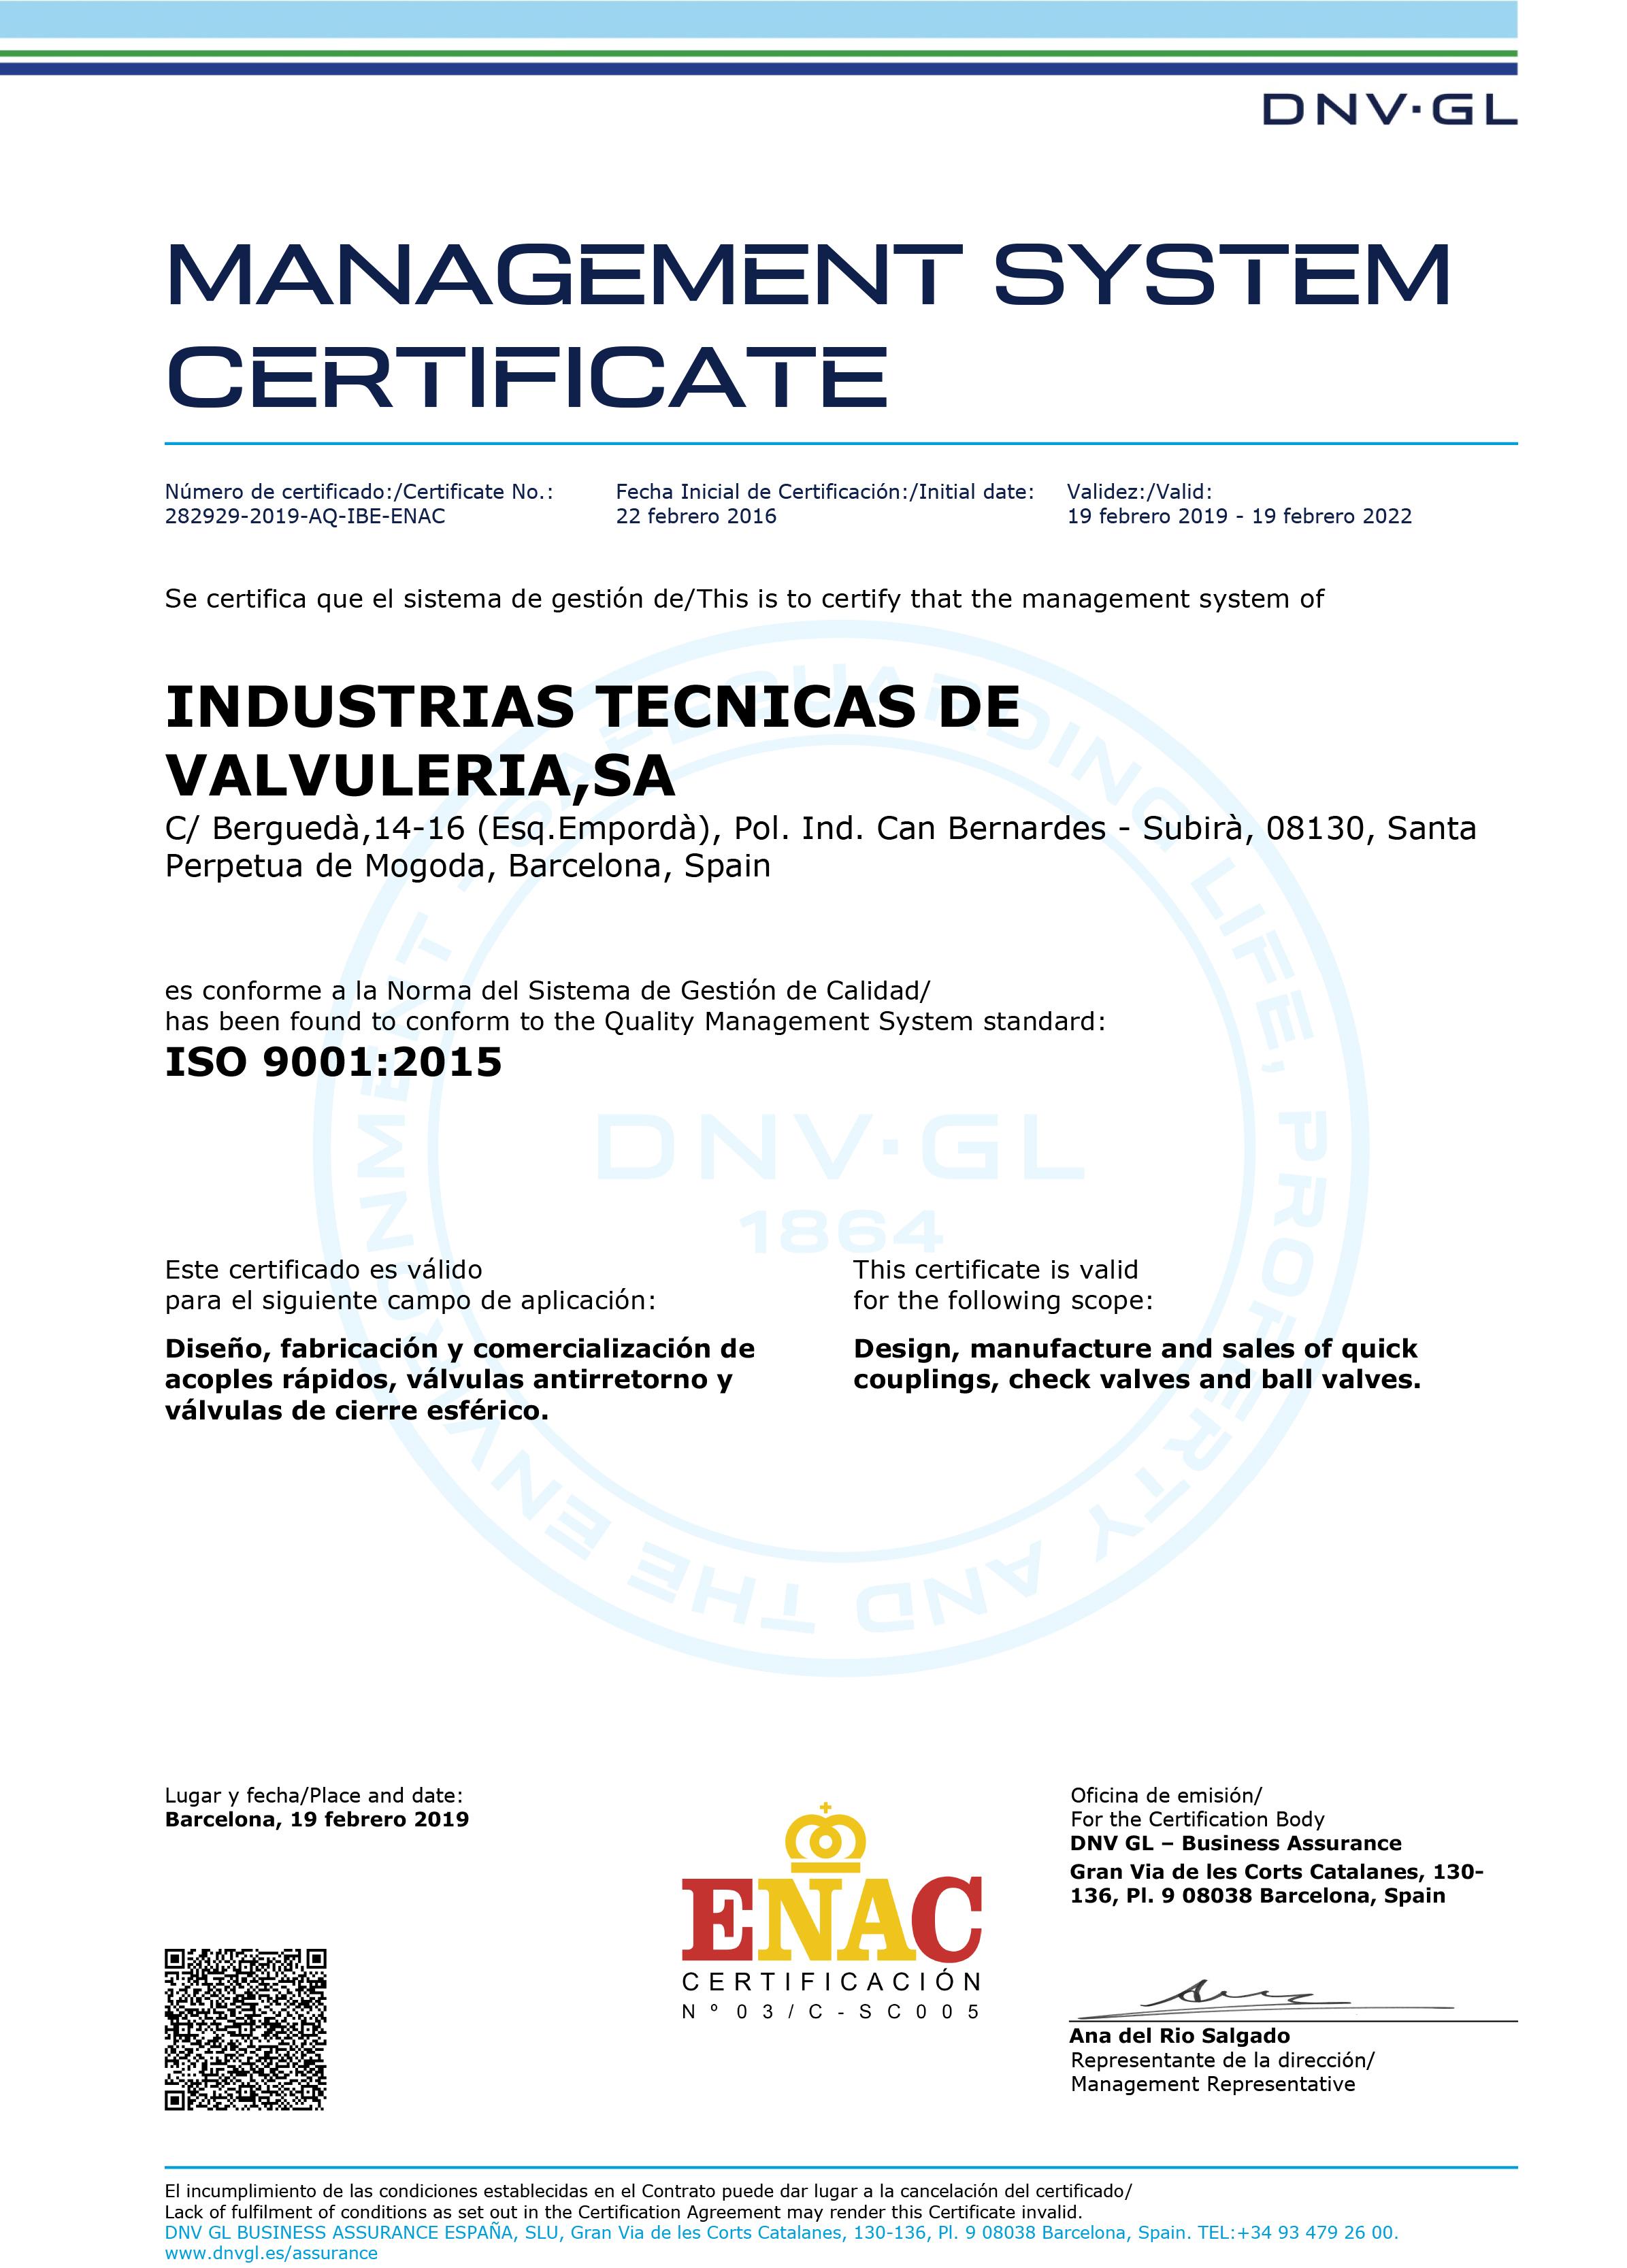 renovacion-de-nuestro-certificado-iso-segun-la-norma-iso-90012015-en_3111